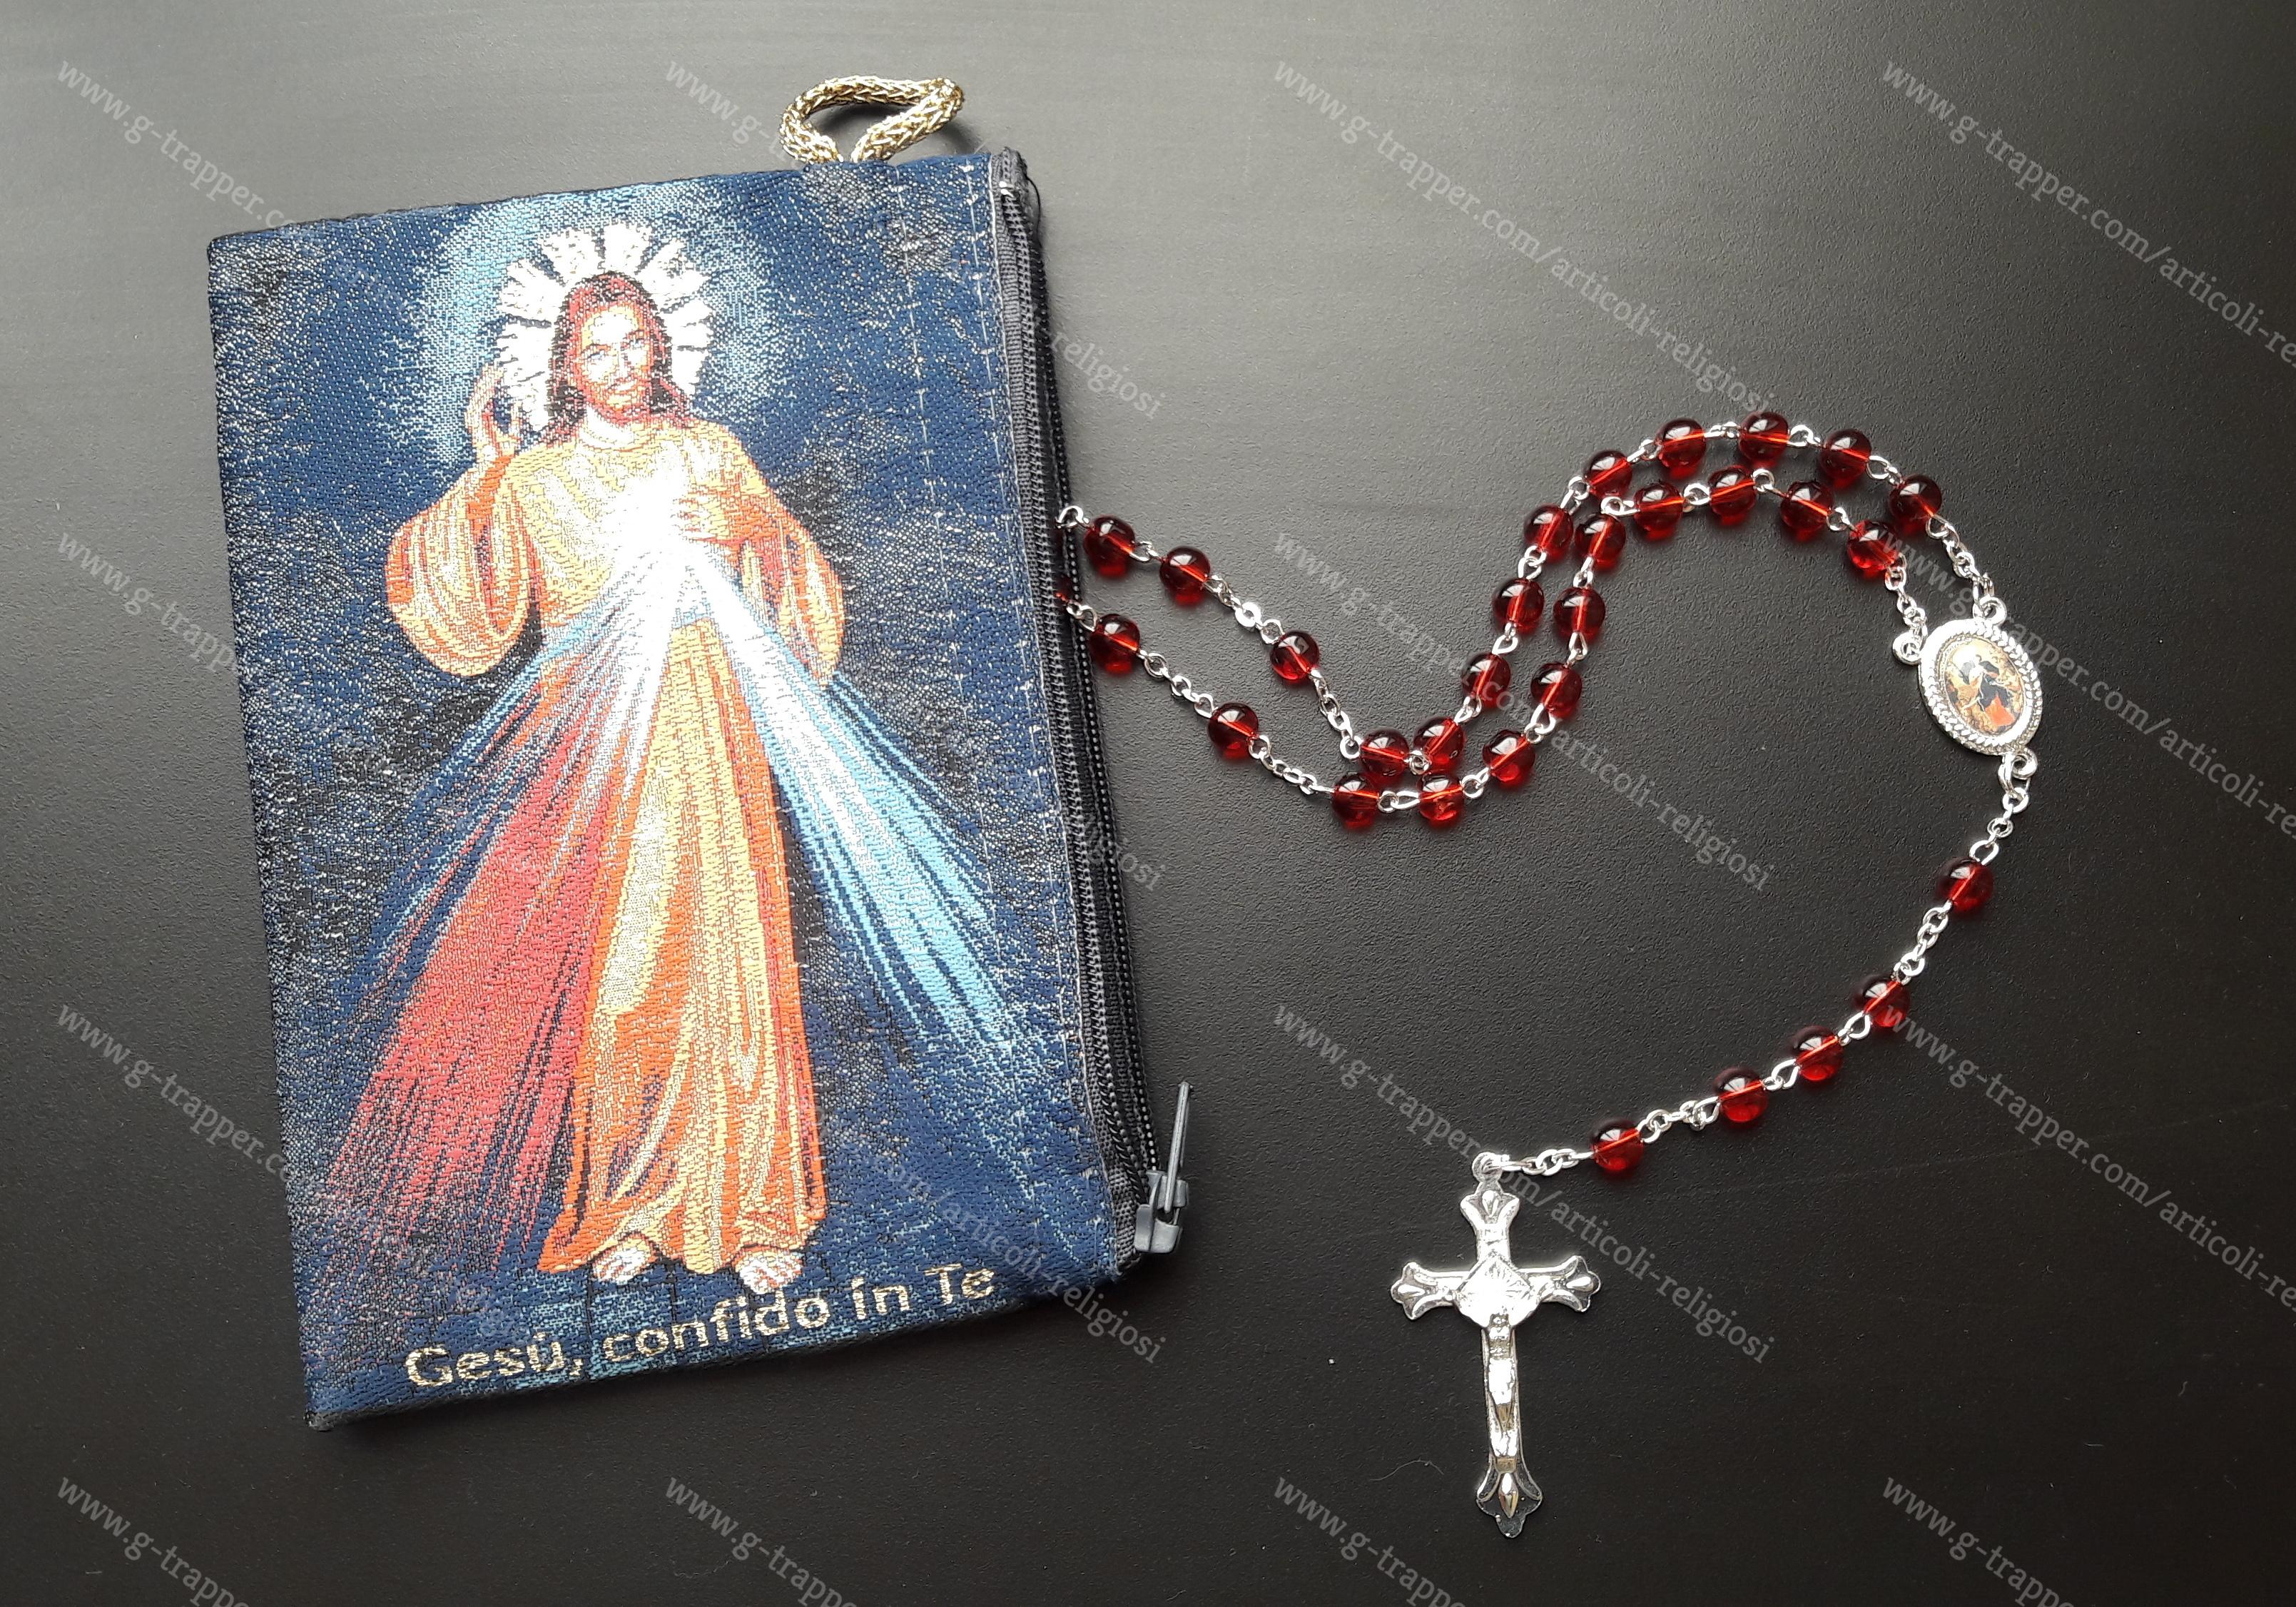 Articoli religiosi arredi sacri paramenti liturgici for Arredi religiosi